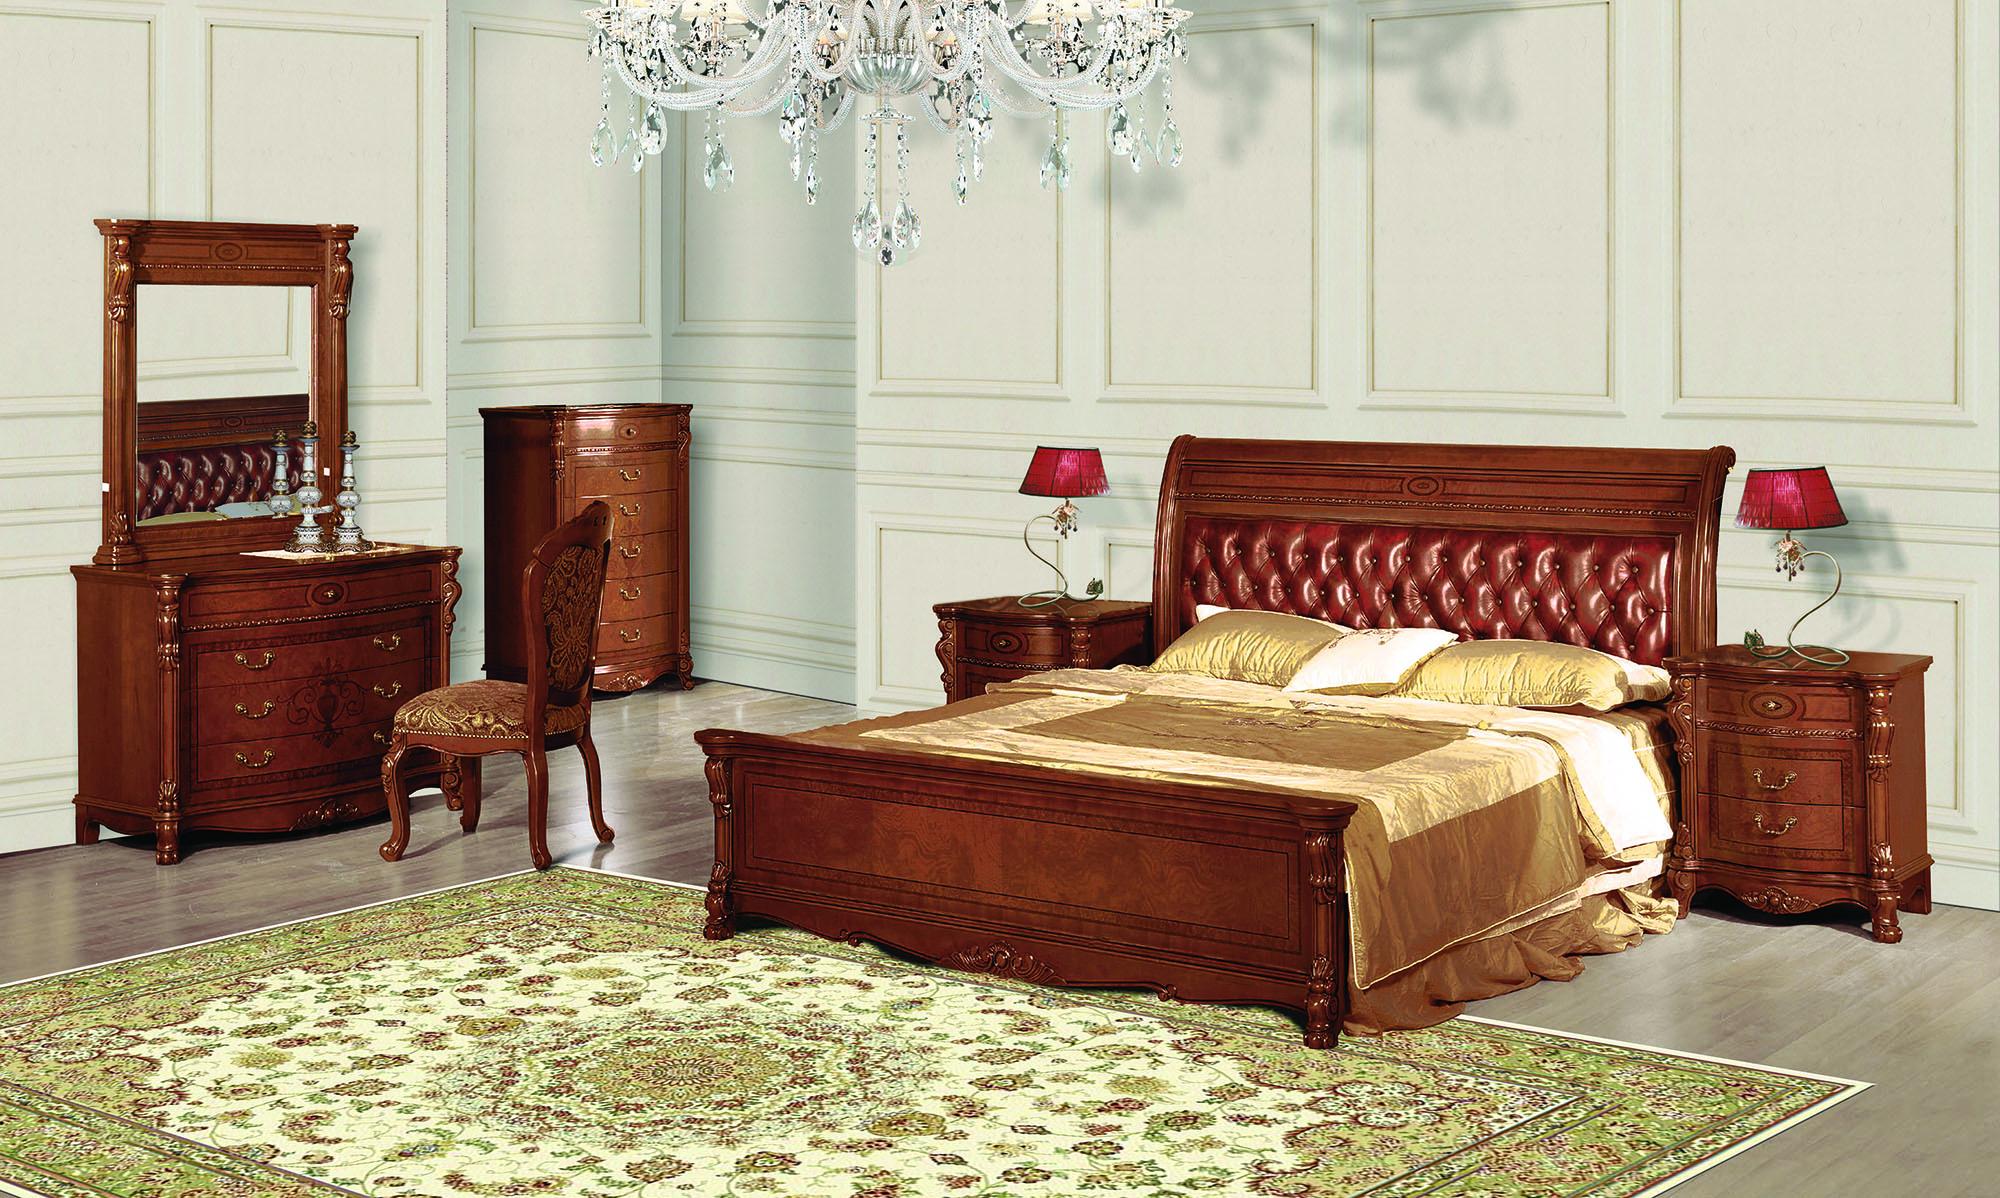 Кровать, комоды и туалетный столик из вишни в спальне